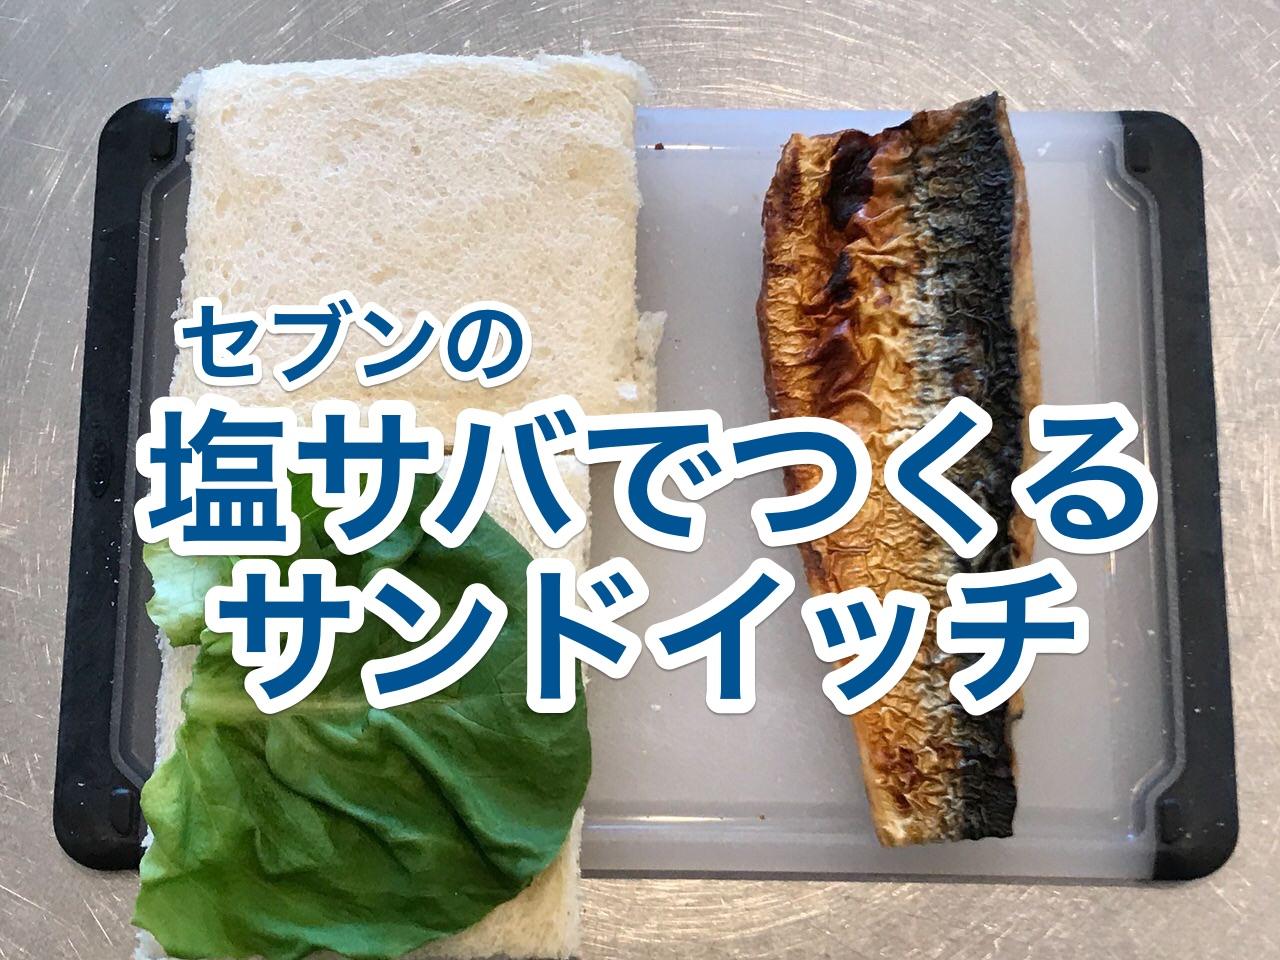 【レシピ】セブンの塩サバで作るサンドイッチが激ウマ!!【塩サバサンド】